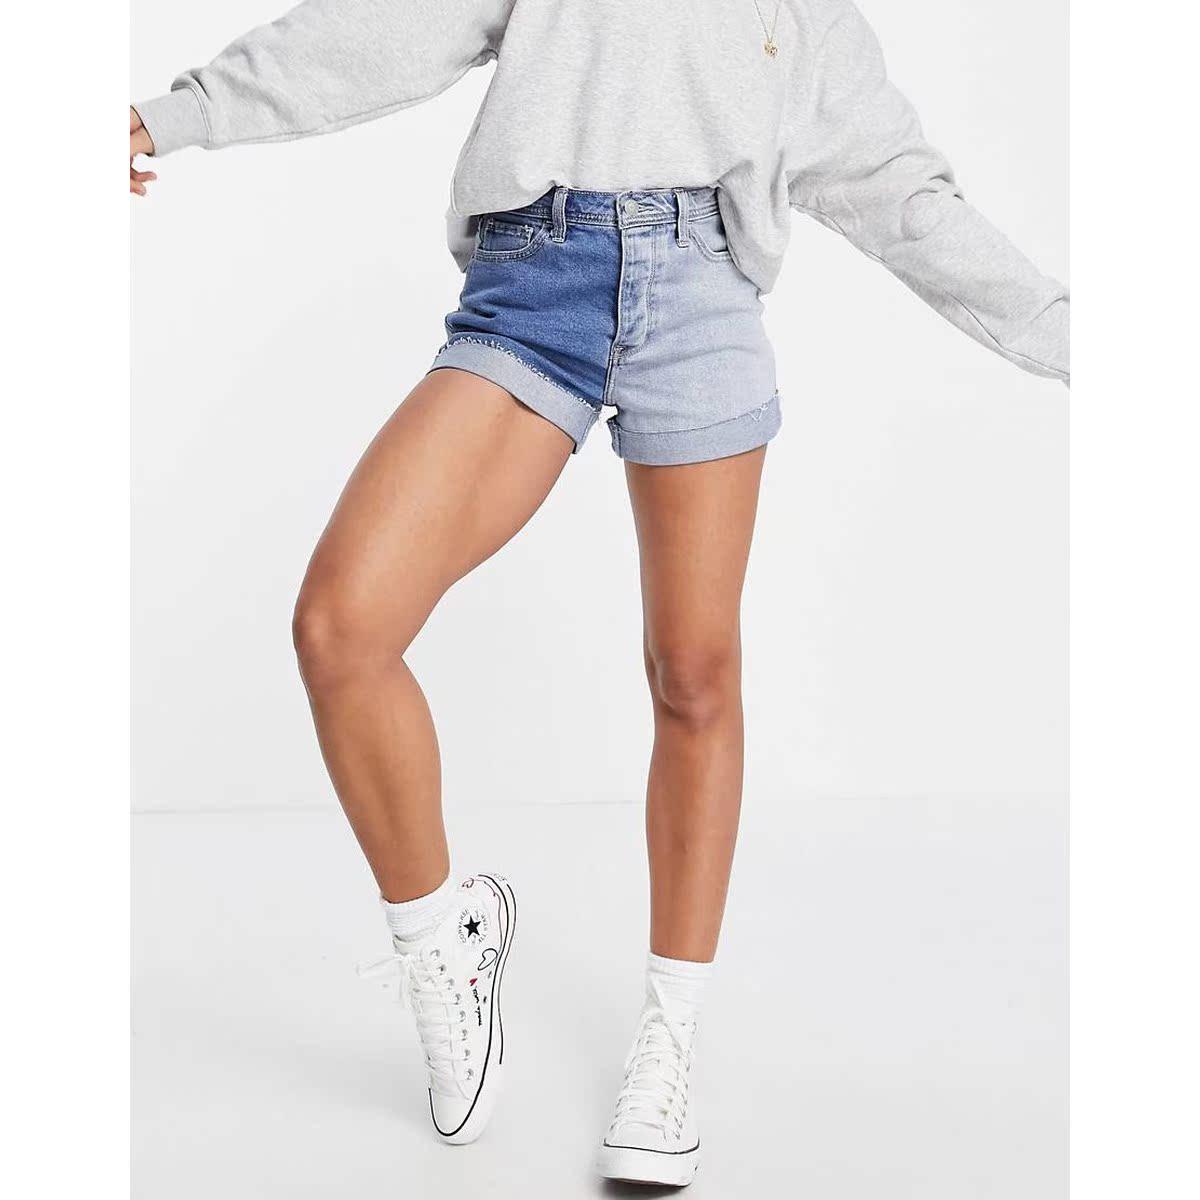 包税代购Hollister/霍利斯特 撞色水洗中长蓝色短裤2021新款个性